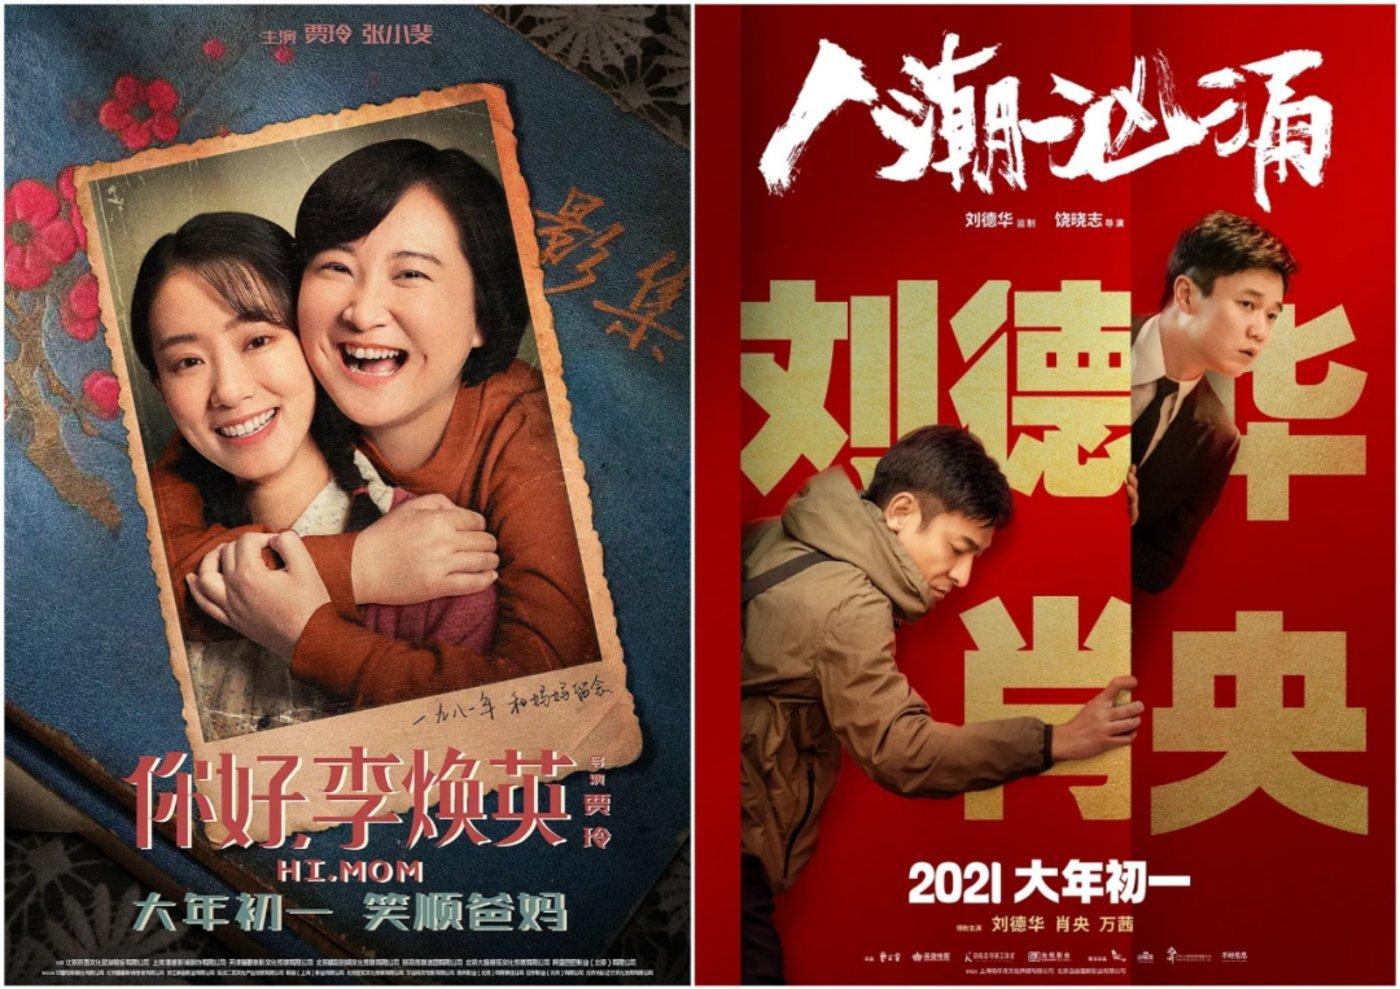 春节档电影海报